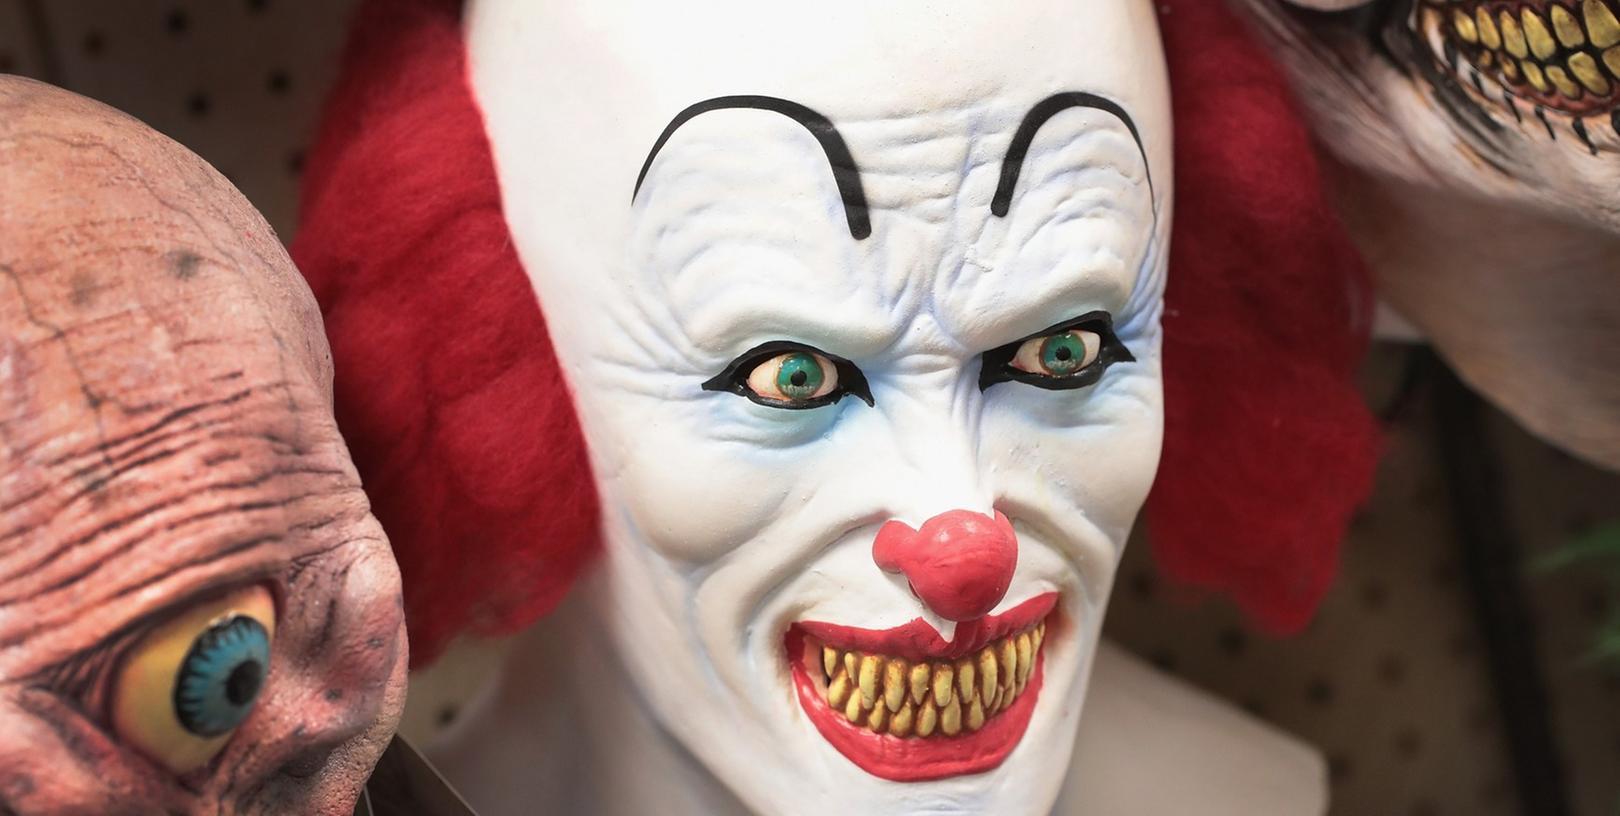 Immer mehr Menschen verkleiden sich als Clown und verbreiten dann Angst und Schrecken.